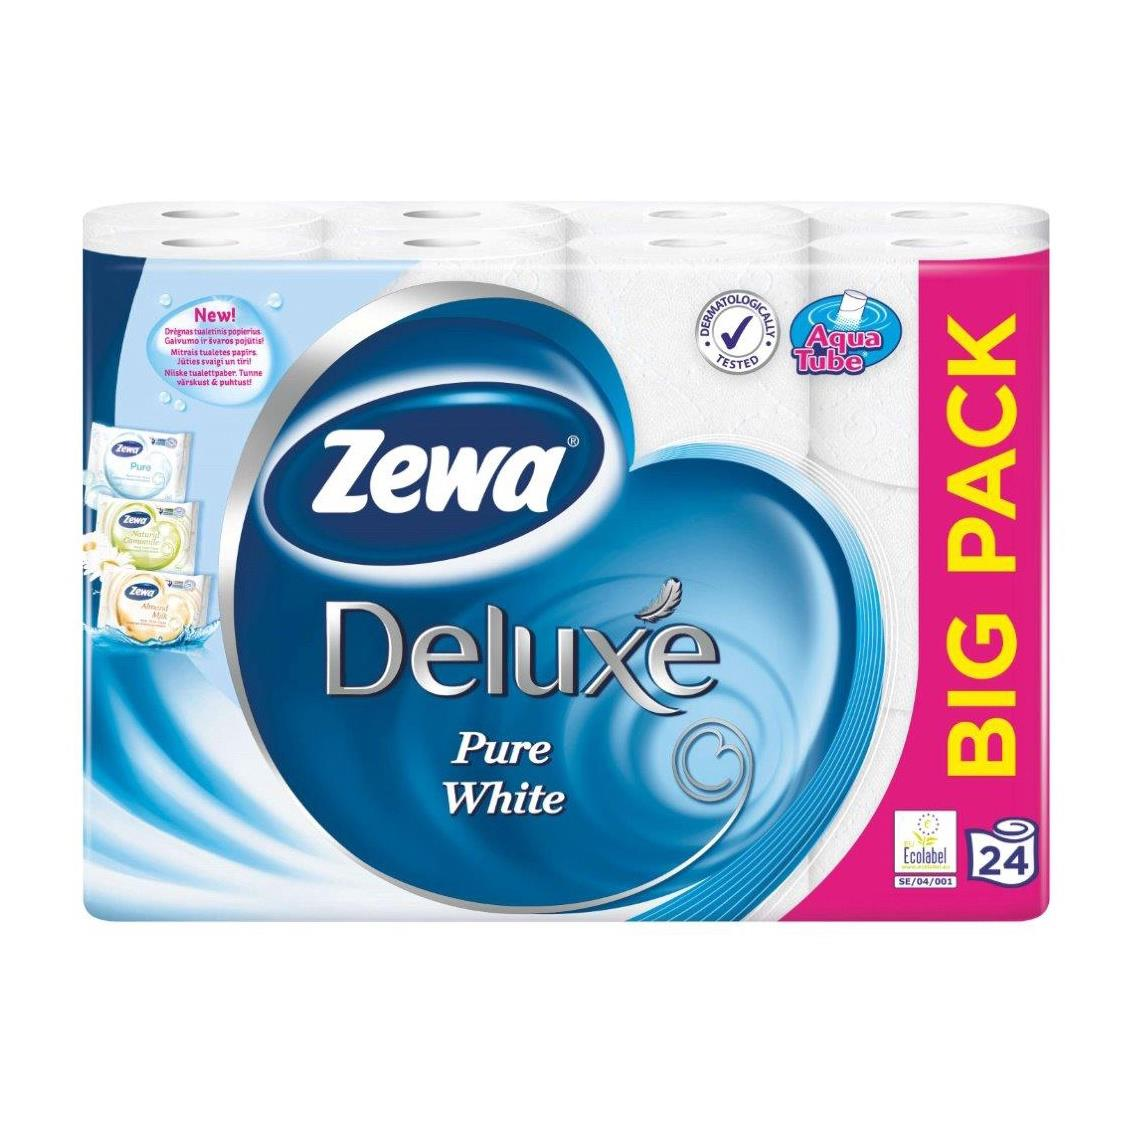 Toilettenpapier 24 Rollen 3 Lagig 145 Blatt Toilette Papier BigPack Zewa Deluxe,Zewa,000051345244, 7322540698527